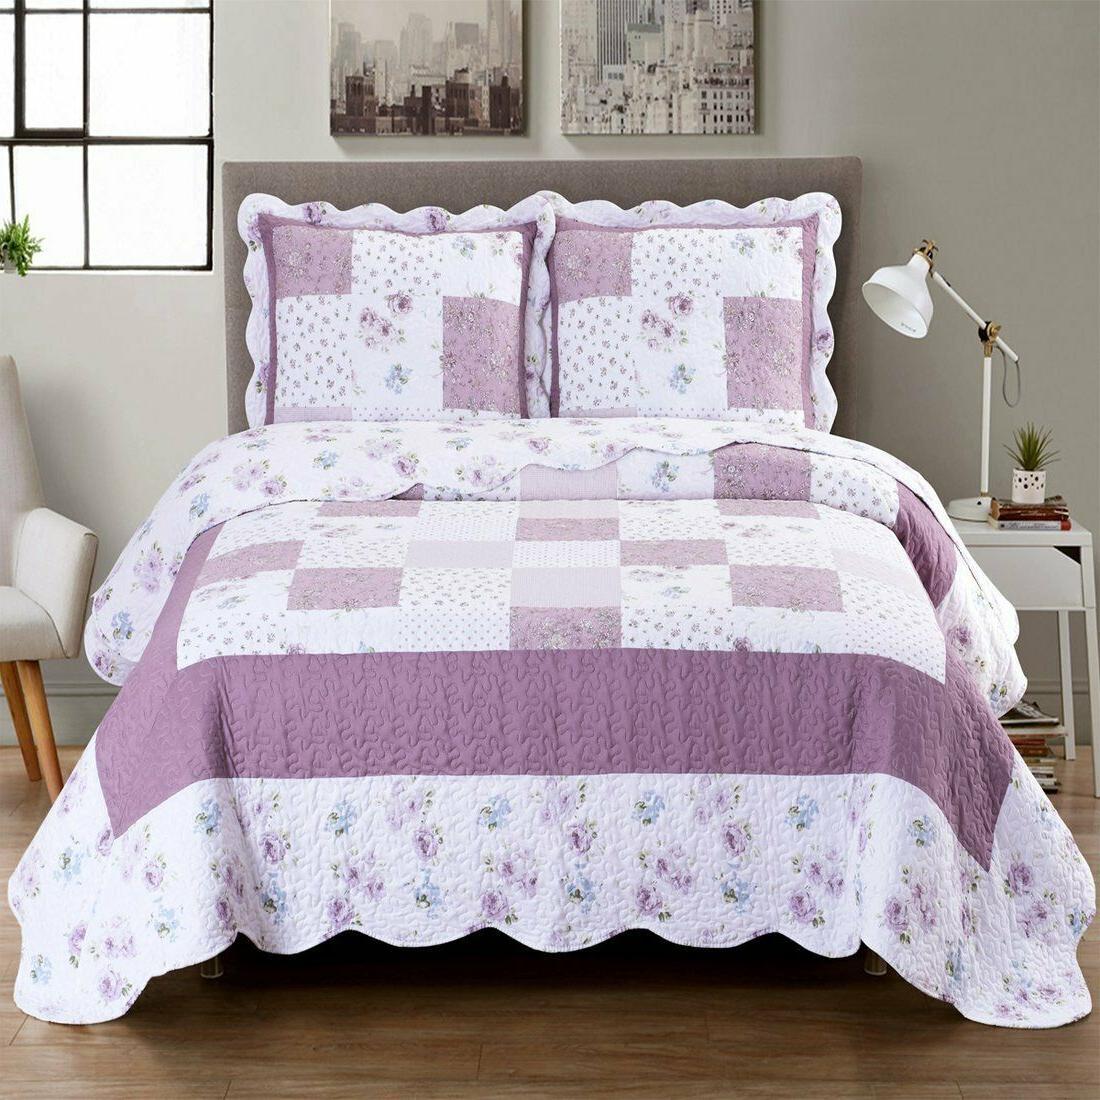 ventura oversized 3 piece quilt set lightweight